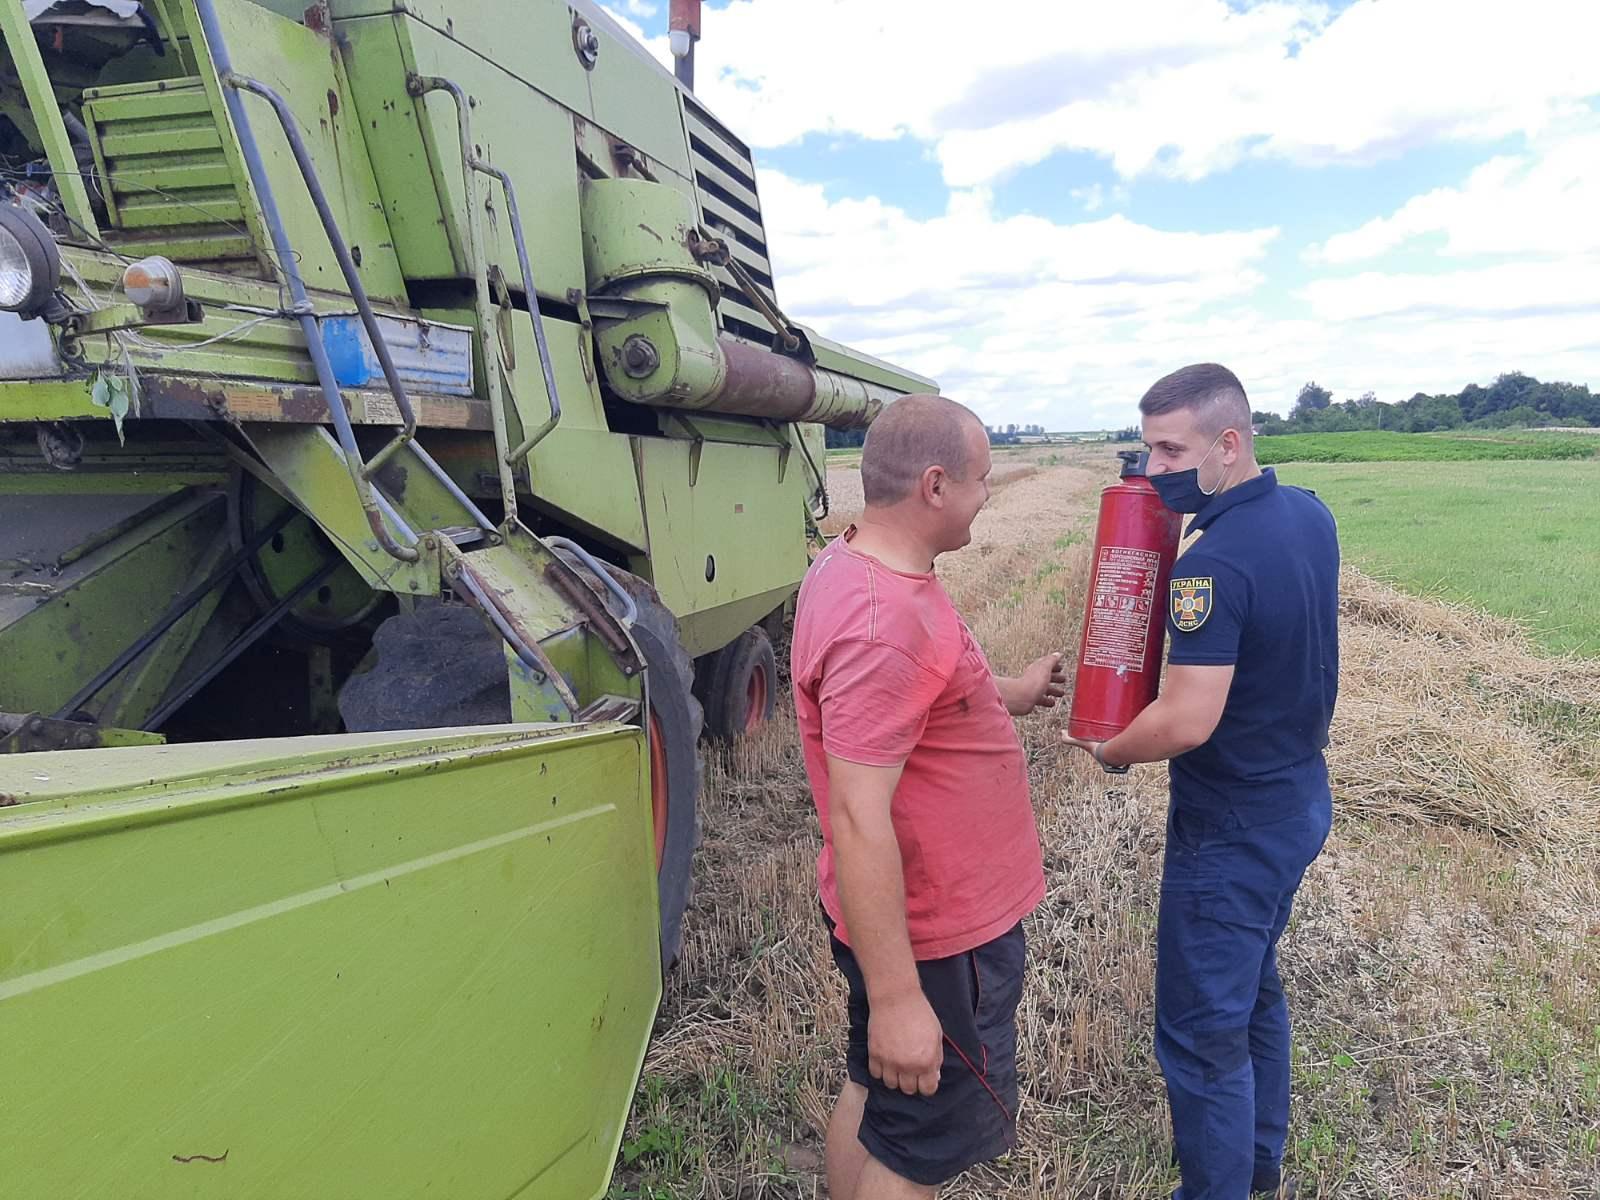 На Сокальщині рятувальники проводять рейди у місцях збирання врожаю – у Львівській області висока пожежна небезпека